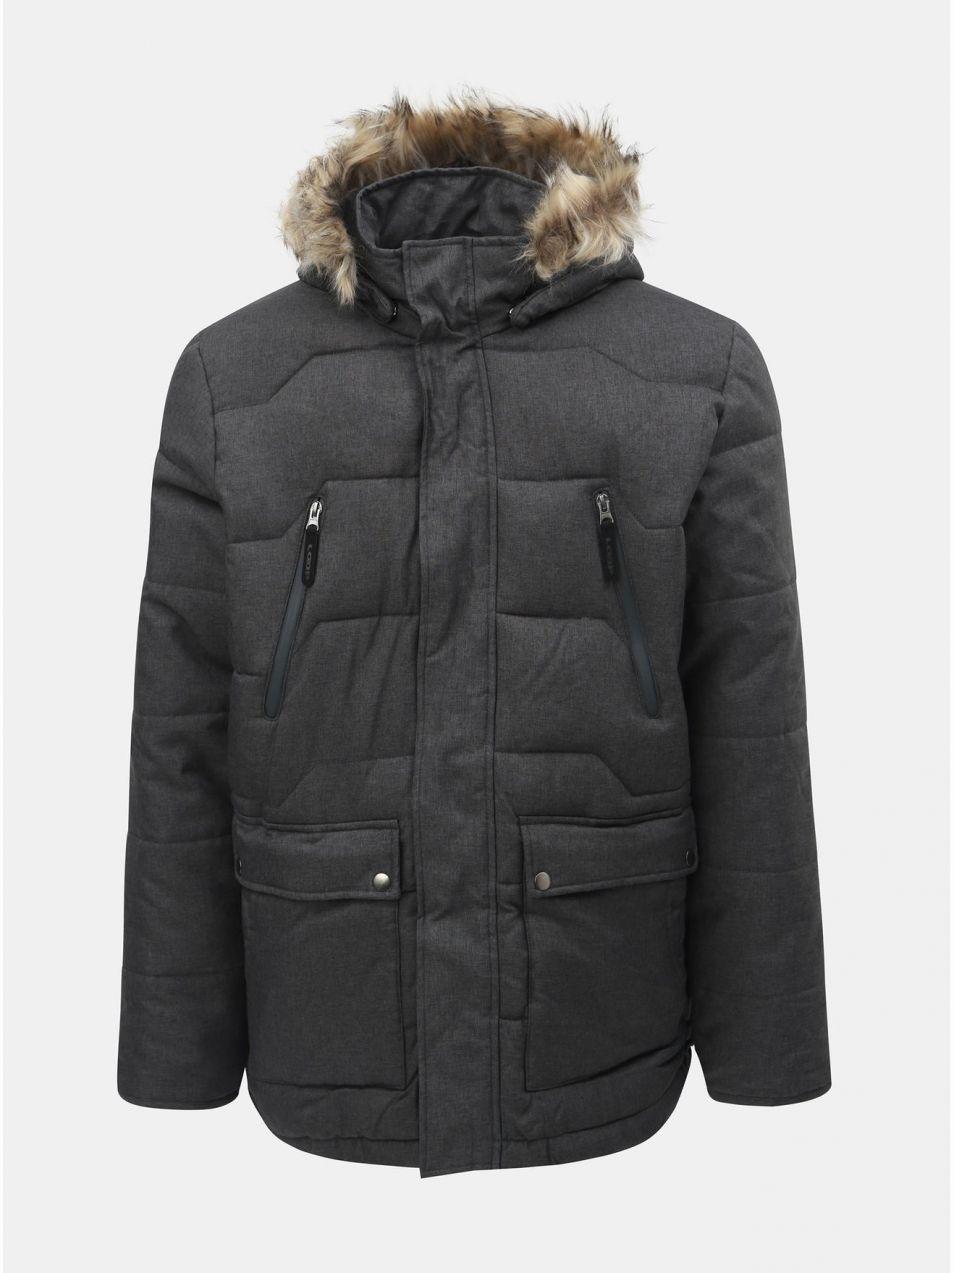 Tmavosivá pánska nepremokavá zimná bunda s odnímateľnou kožušinkou na  kapucni LOAP Thron d8492671730